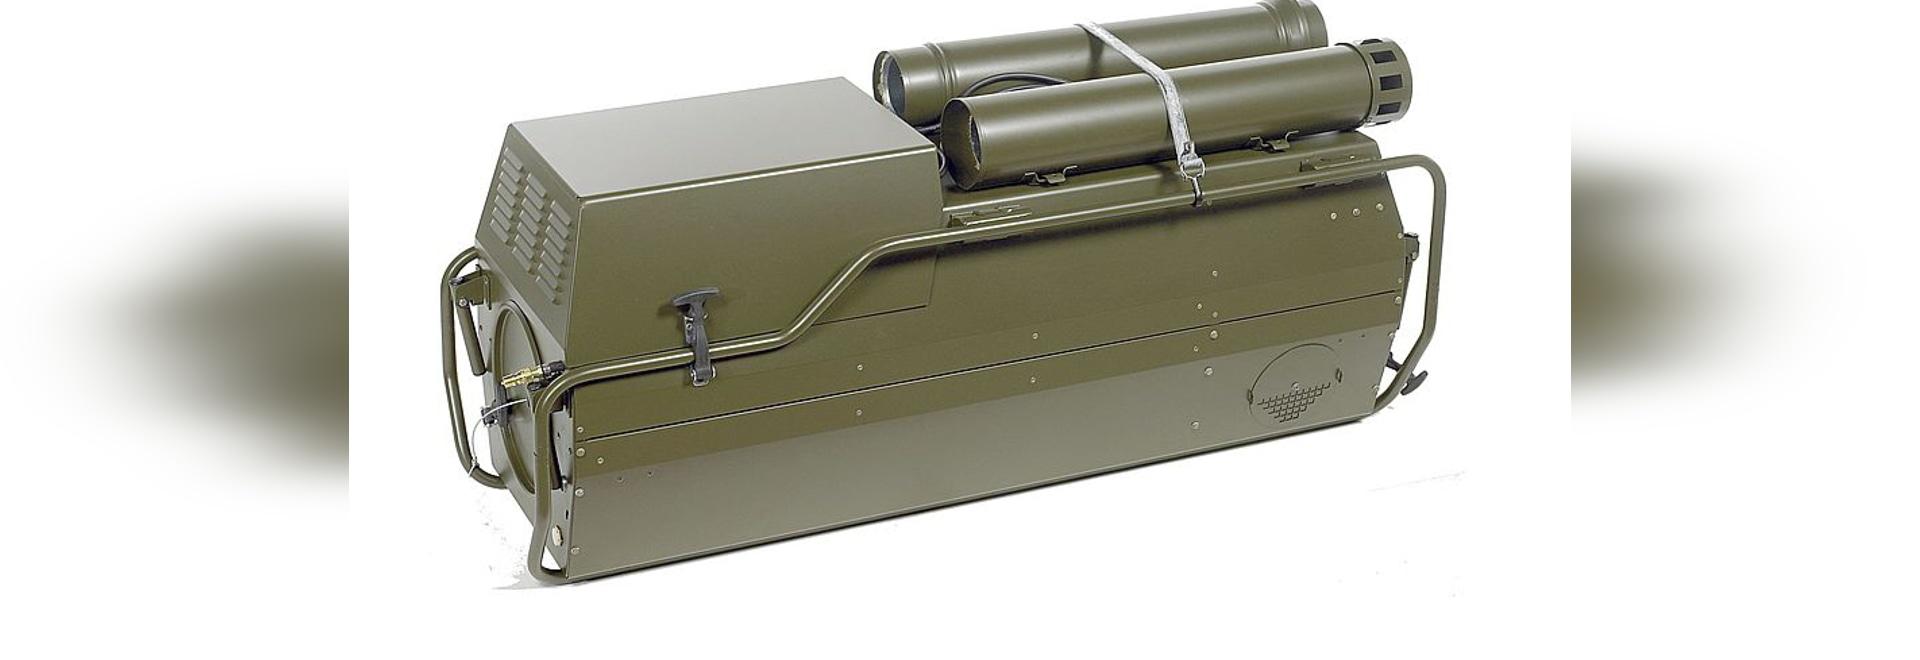 Mobile Wärme für Zeltheizung VAM 15 MKII